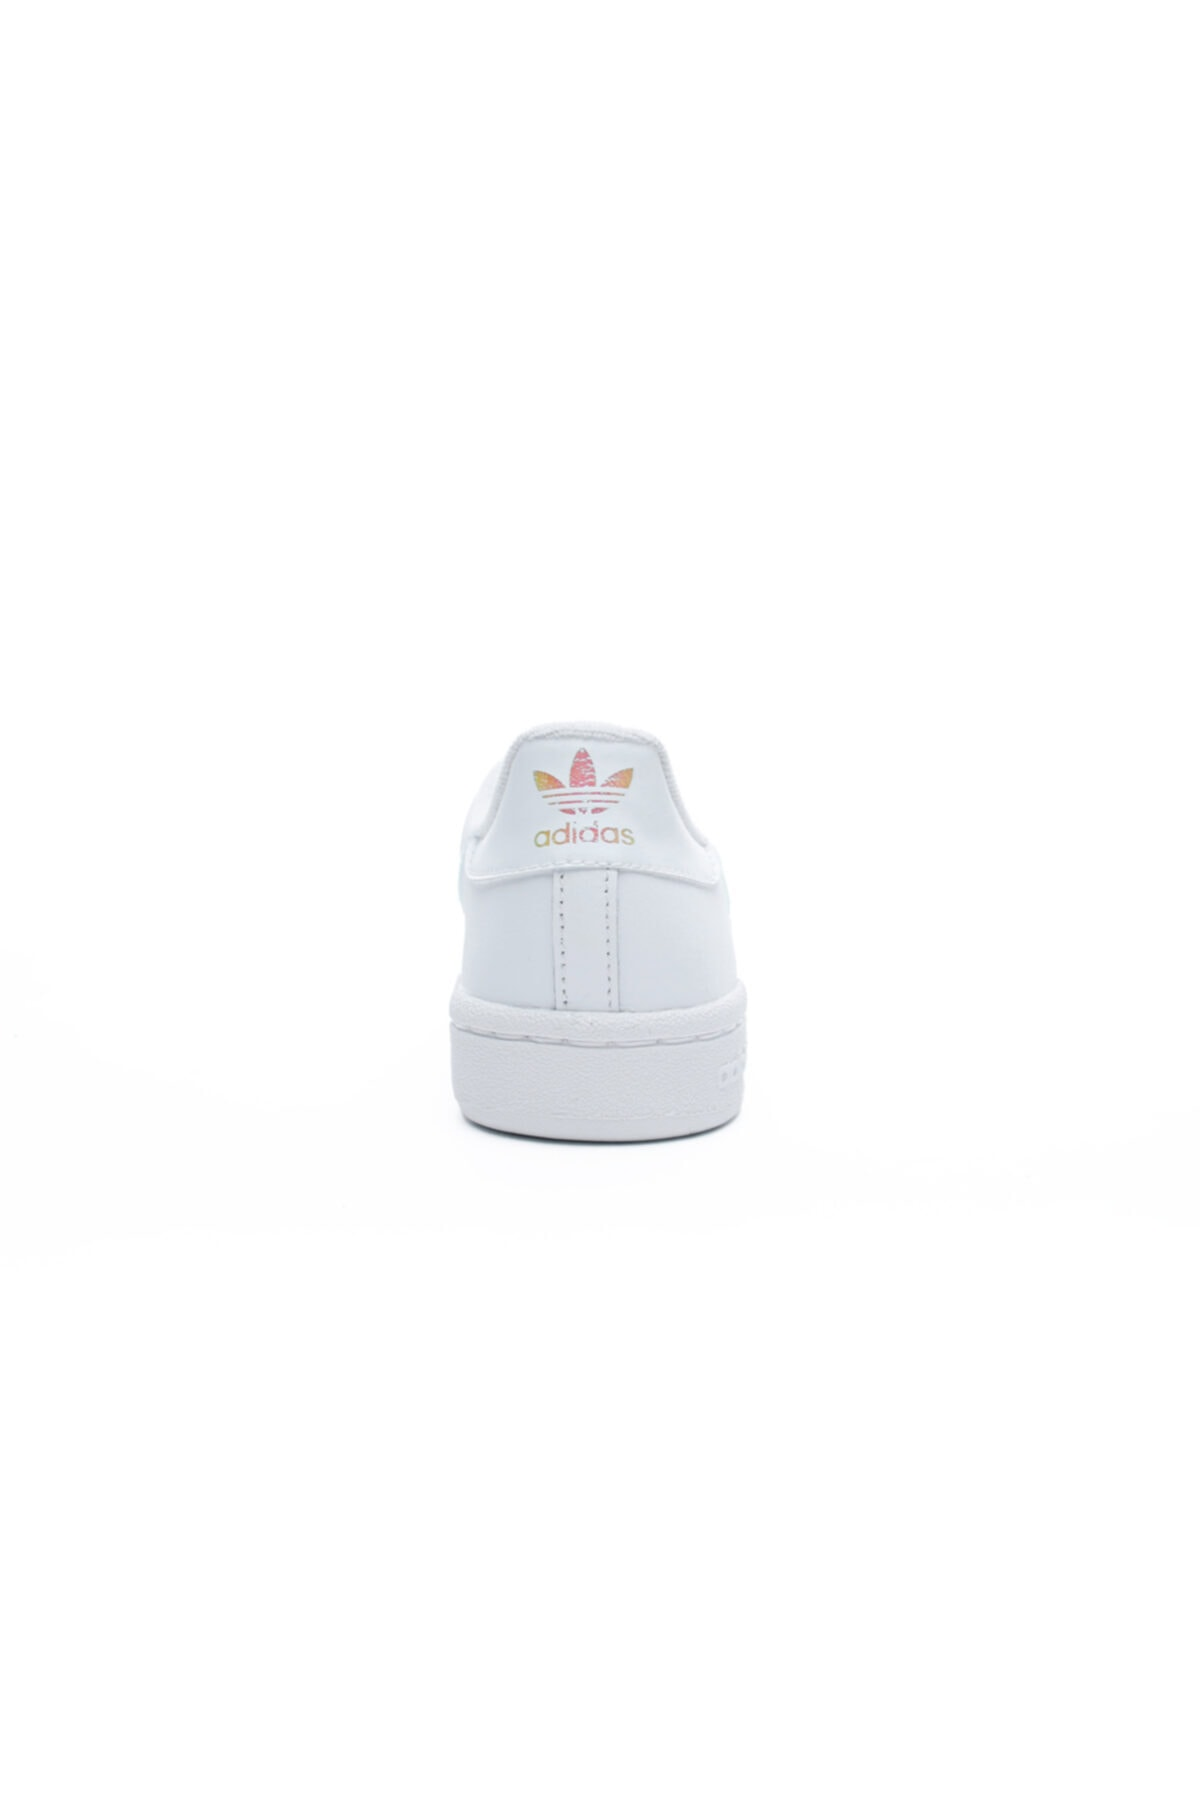 adidas Continental 80 Kadın Beyaz Spor Ayakkabı 2